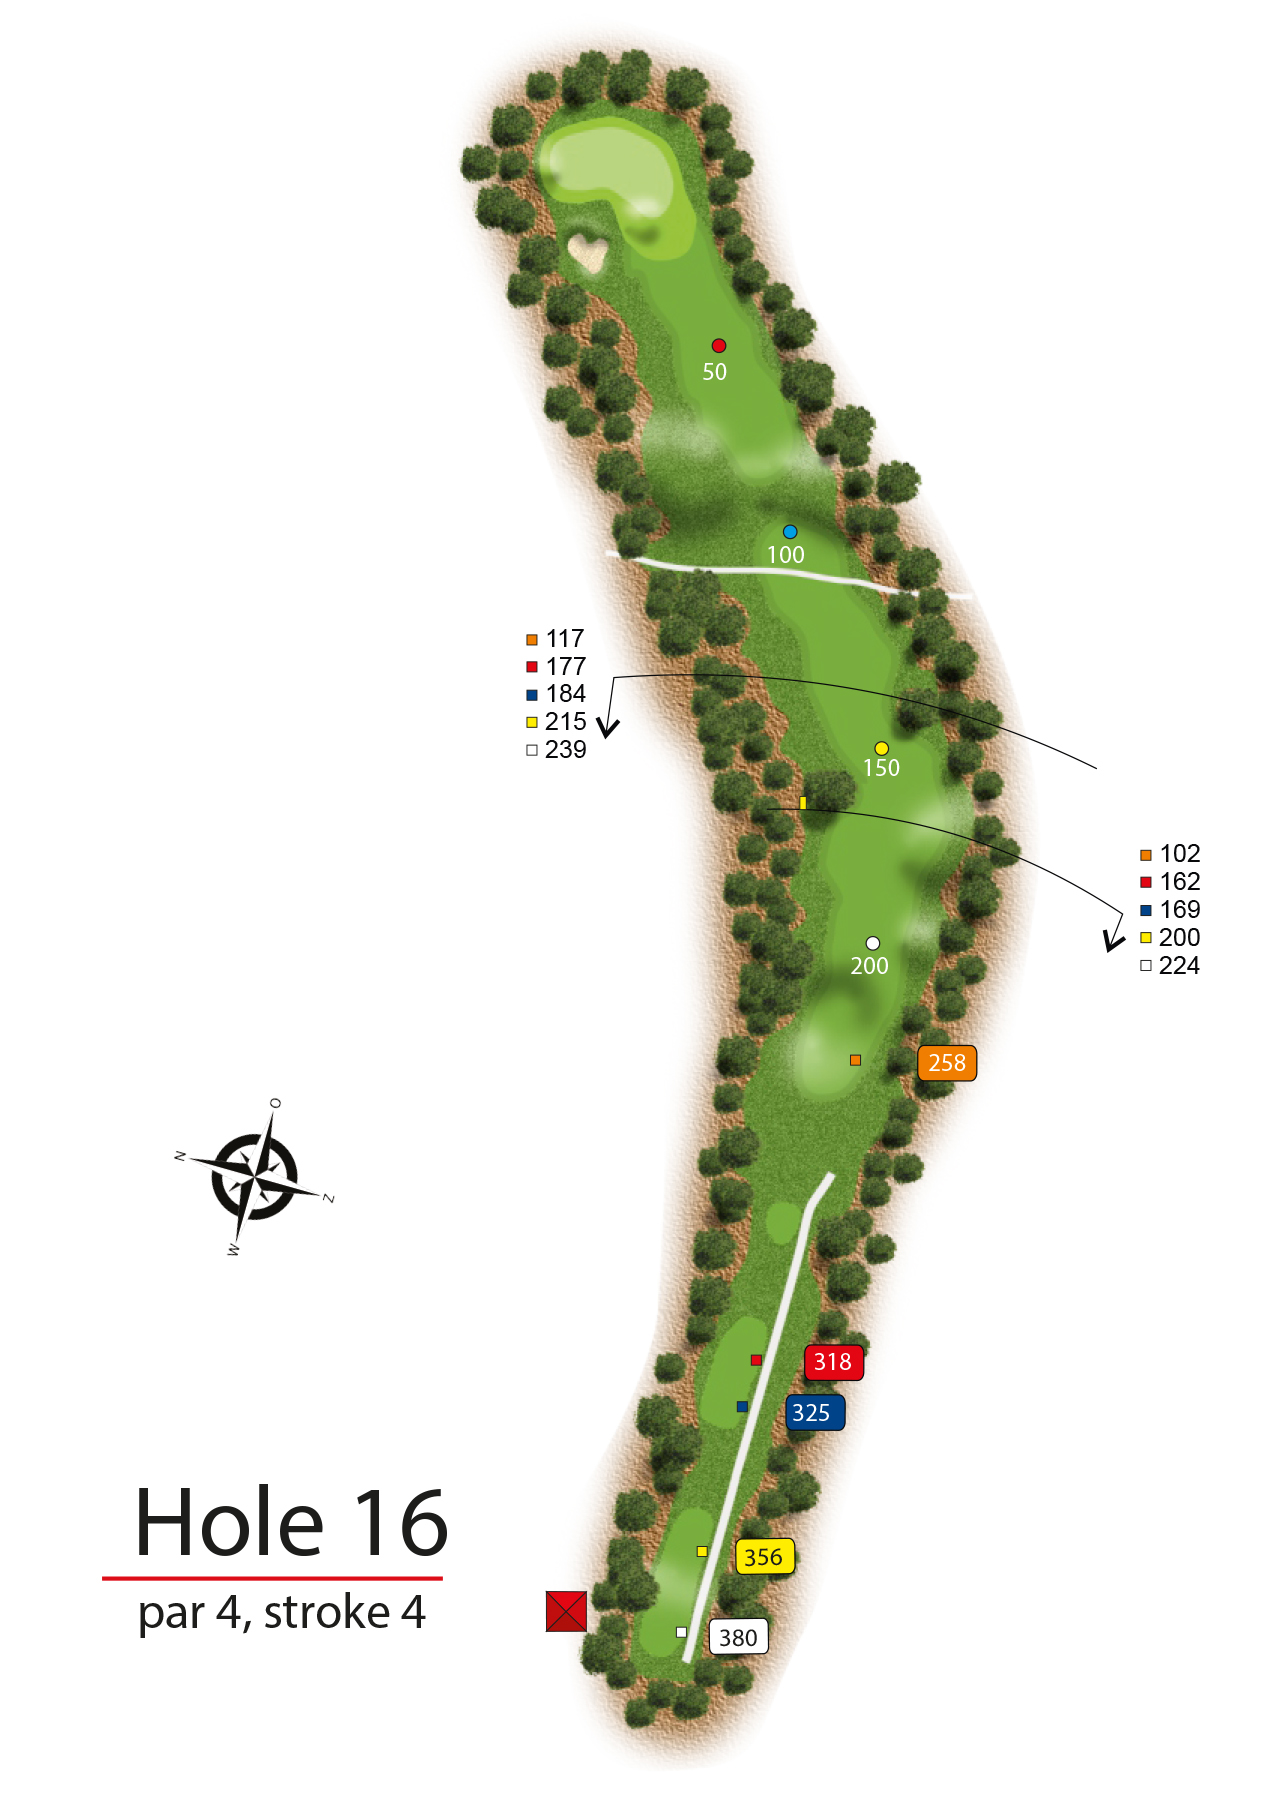 Hole 16 - simple